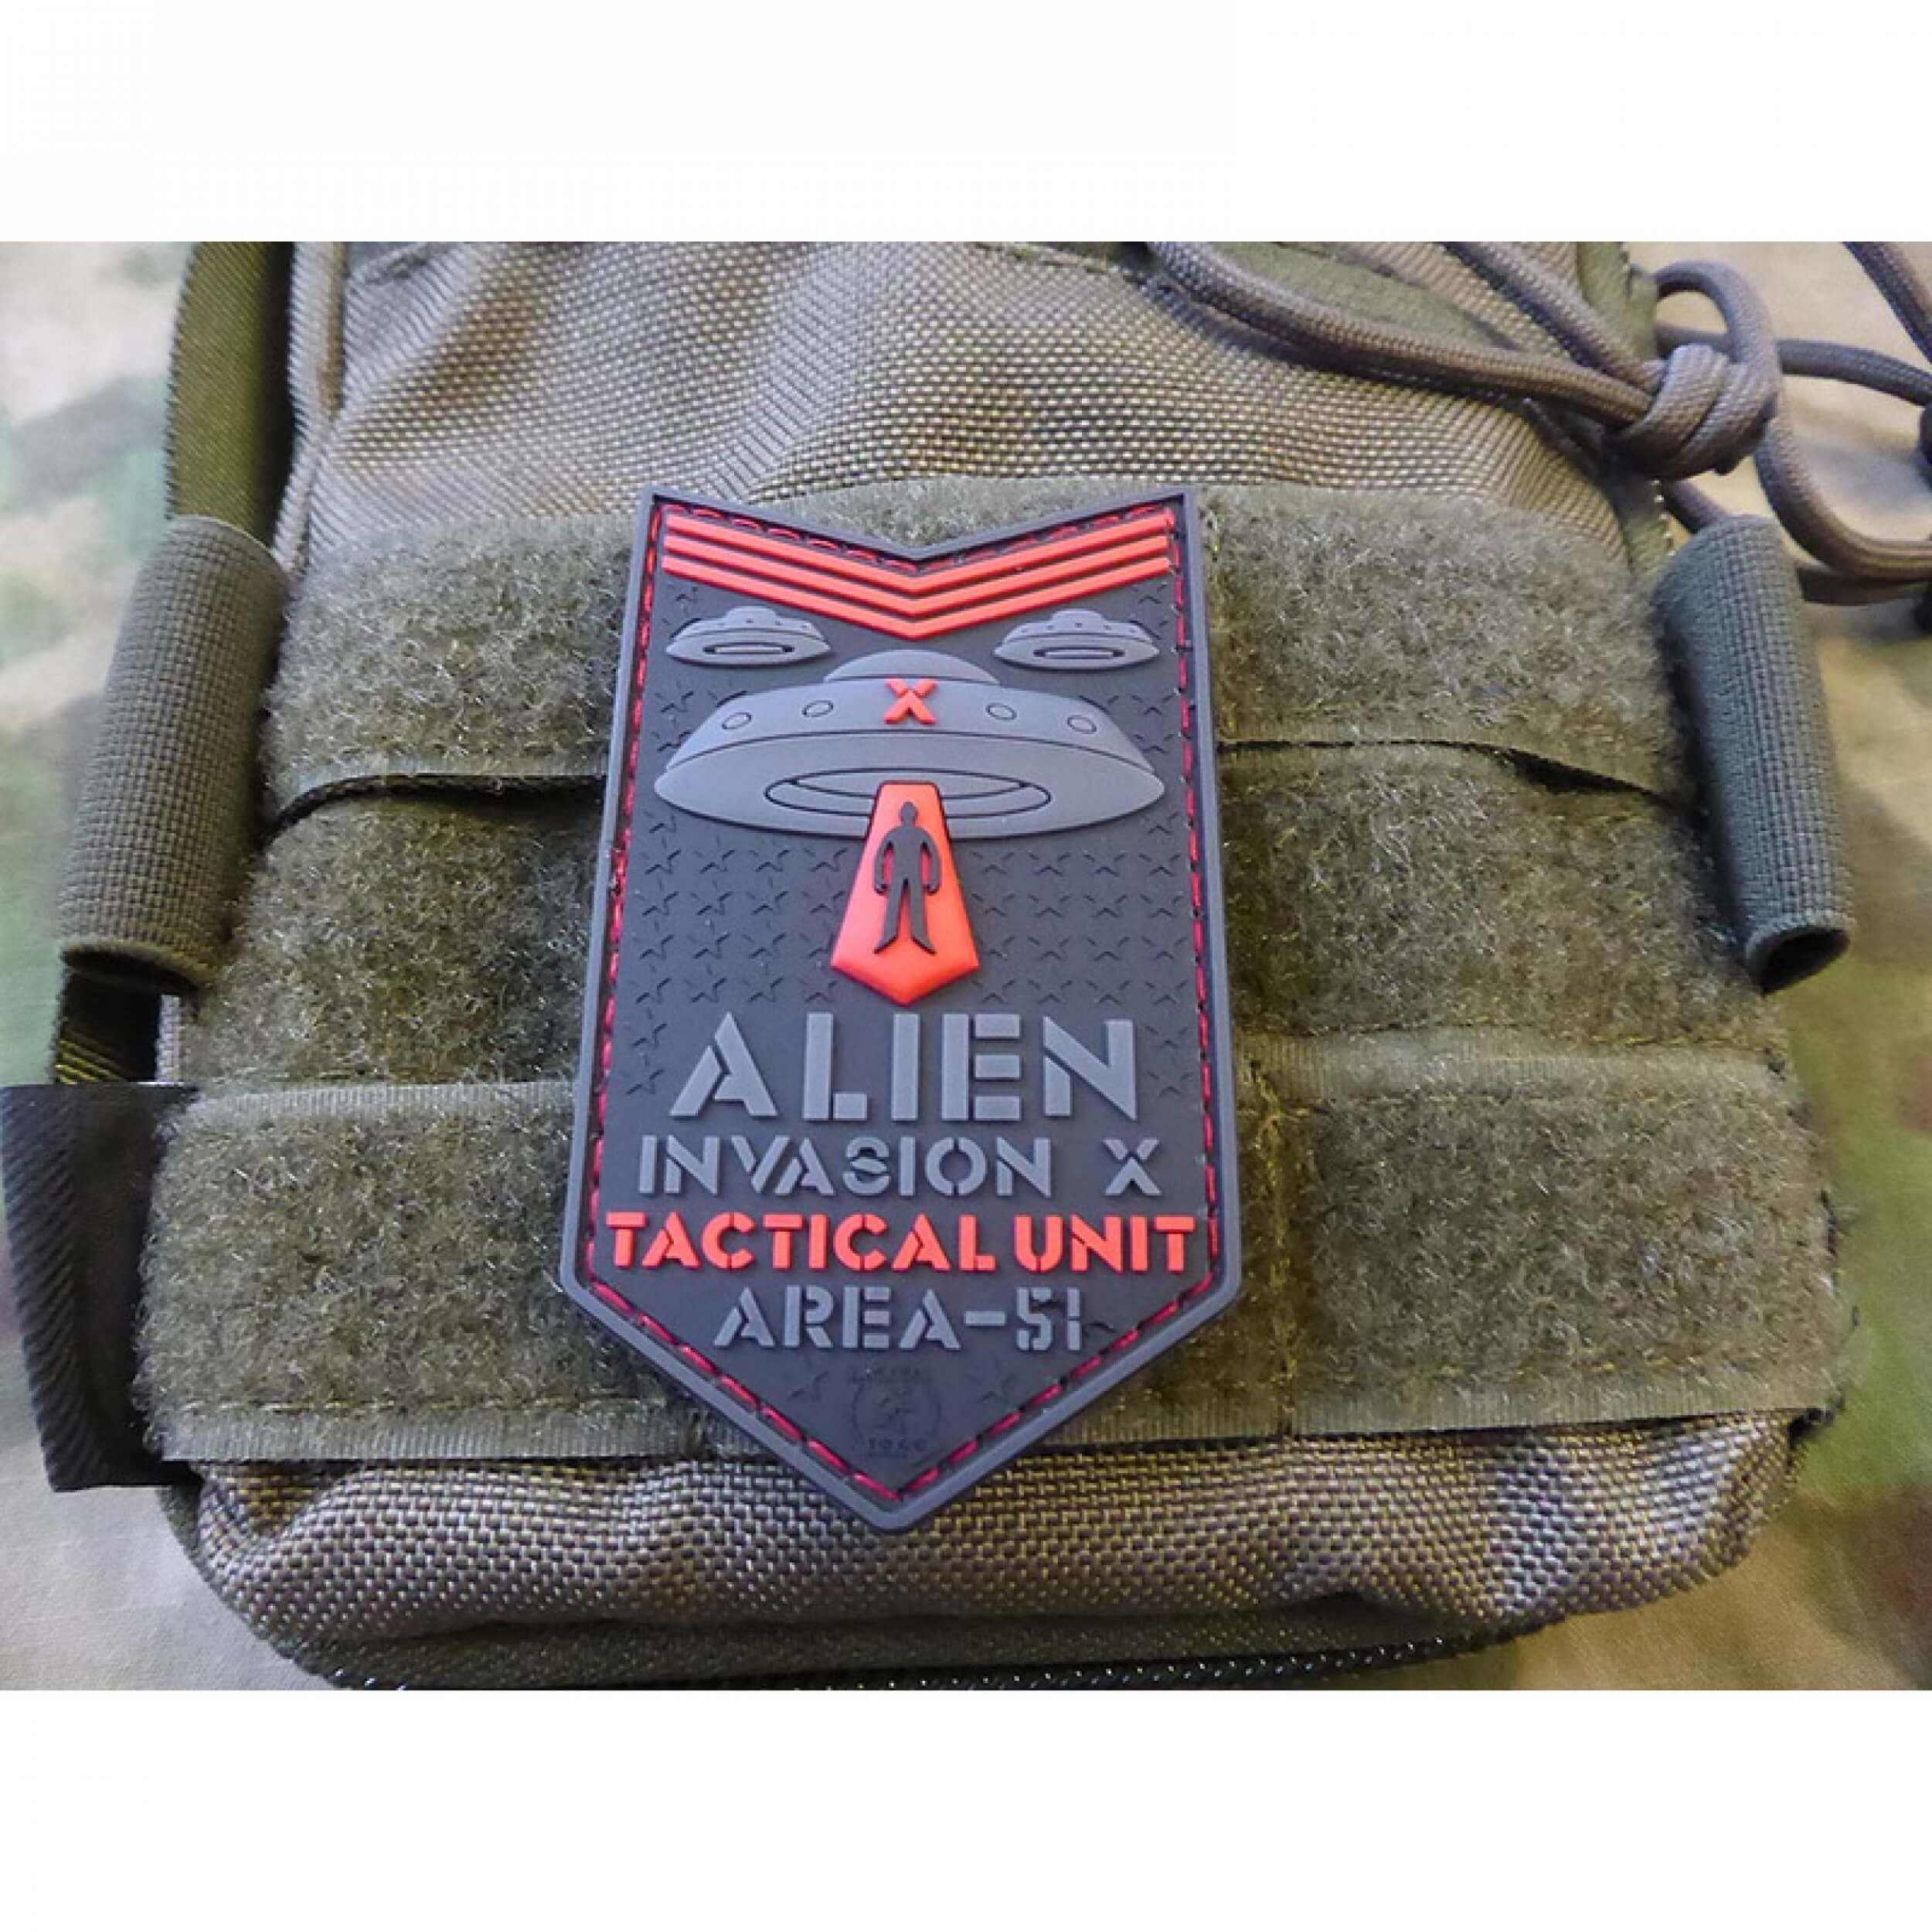 JTG ALIEN INVASION X-Files, Tactical Unit Patch, AREA-51, red / JTG 3D Rubber Patch